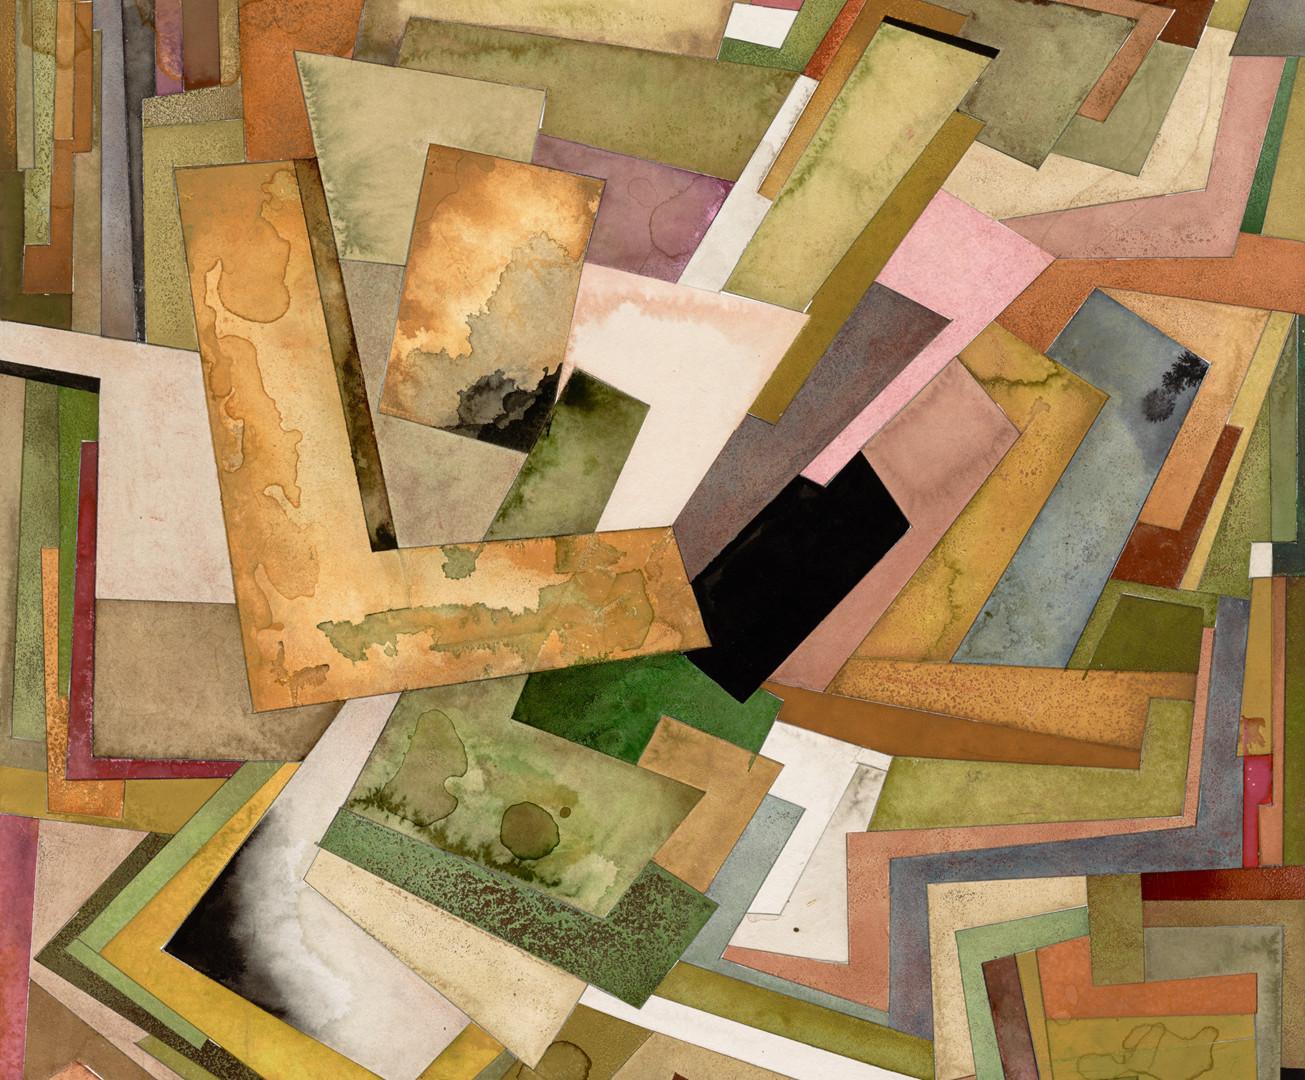 Irving Penn, Design, New York, 2005